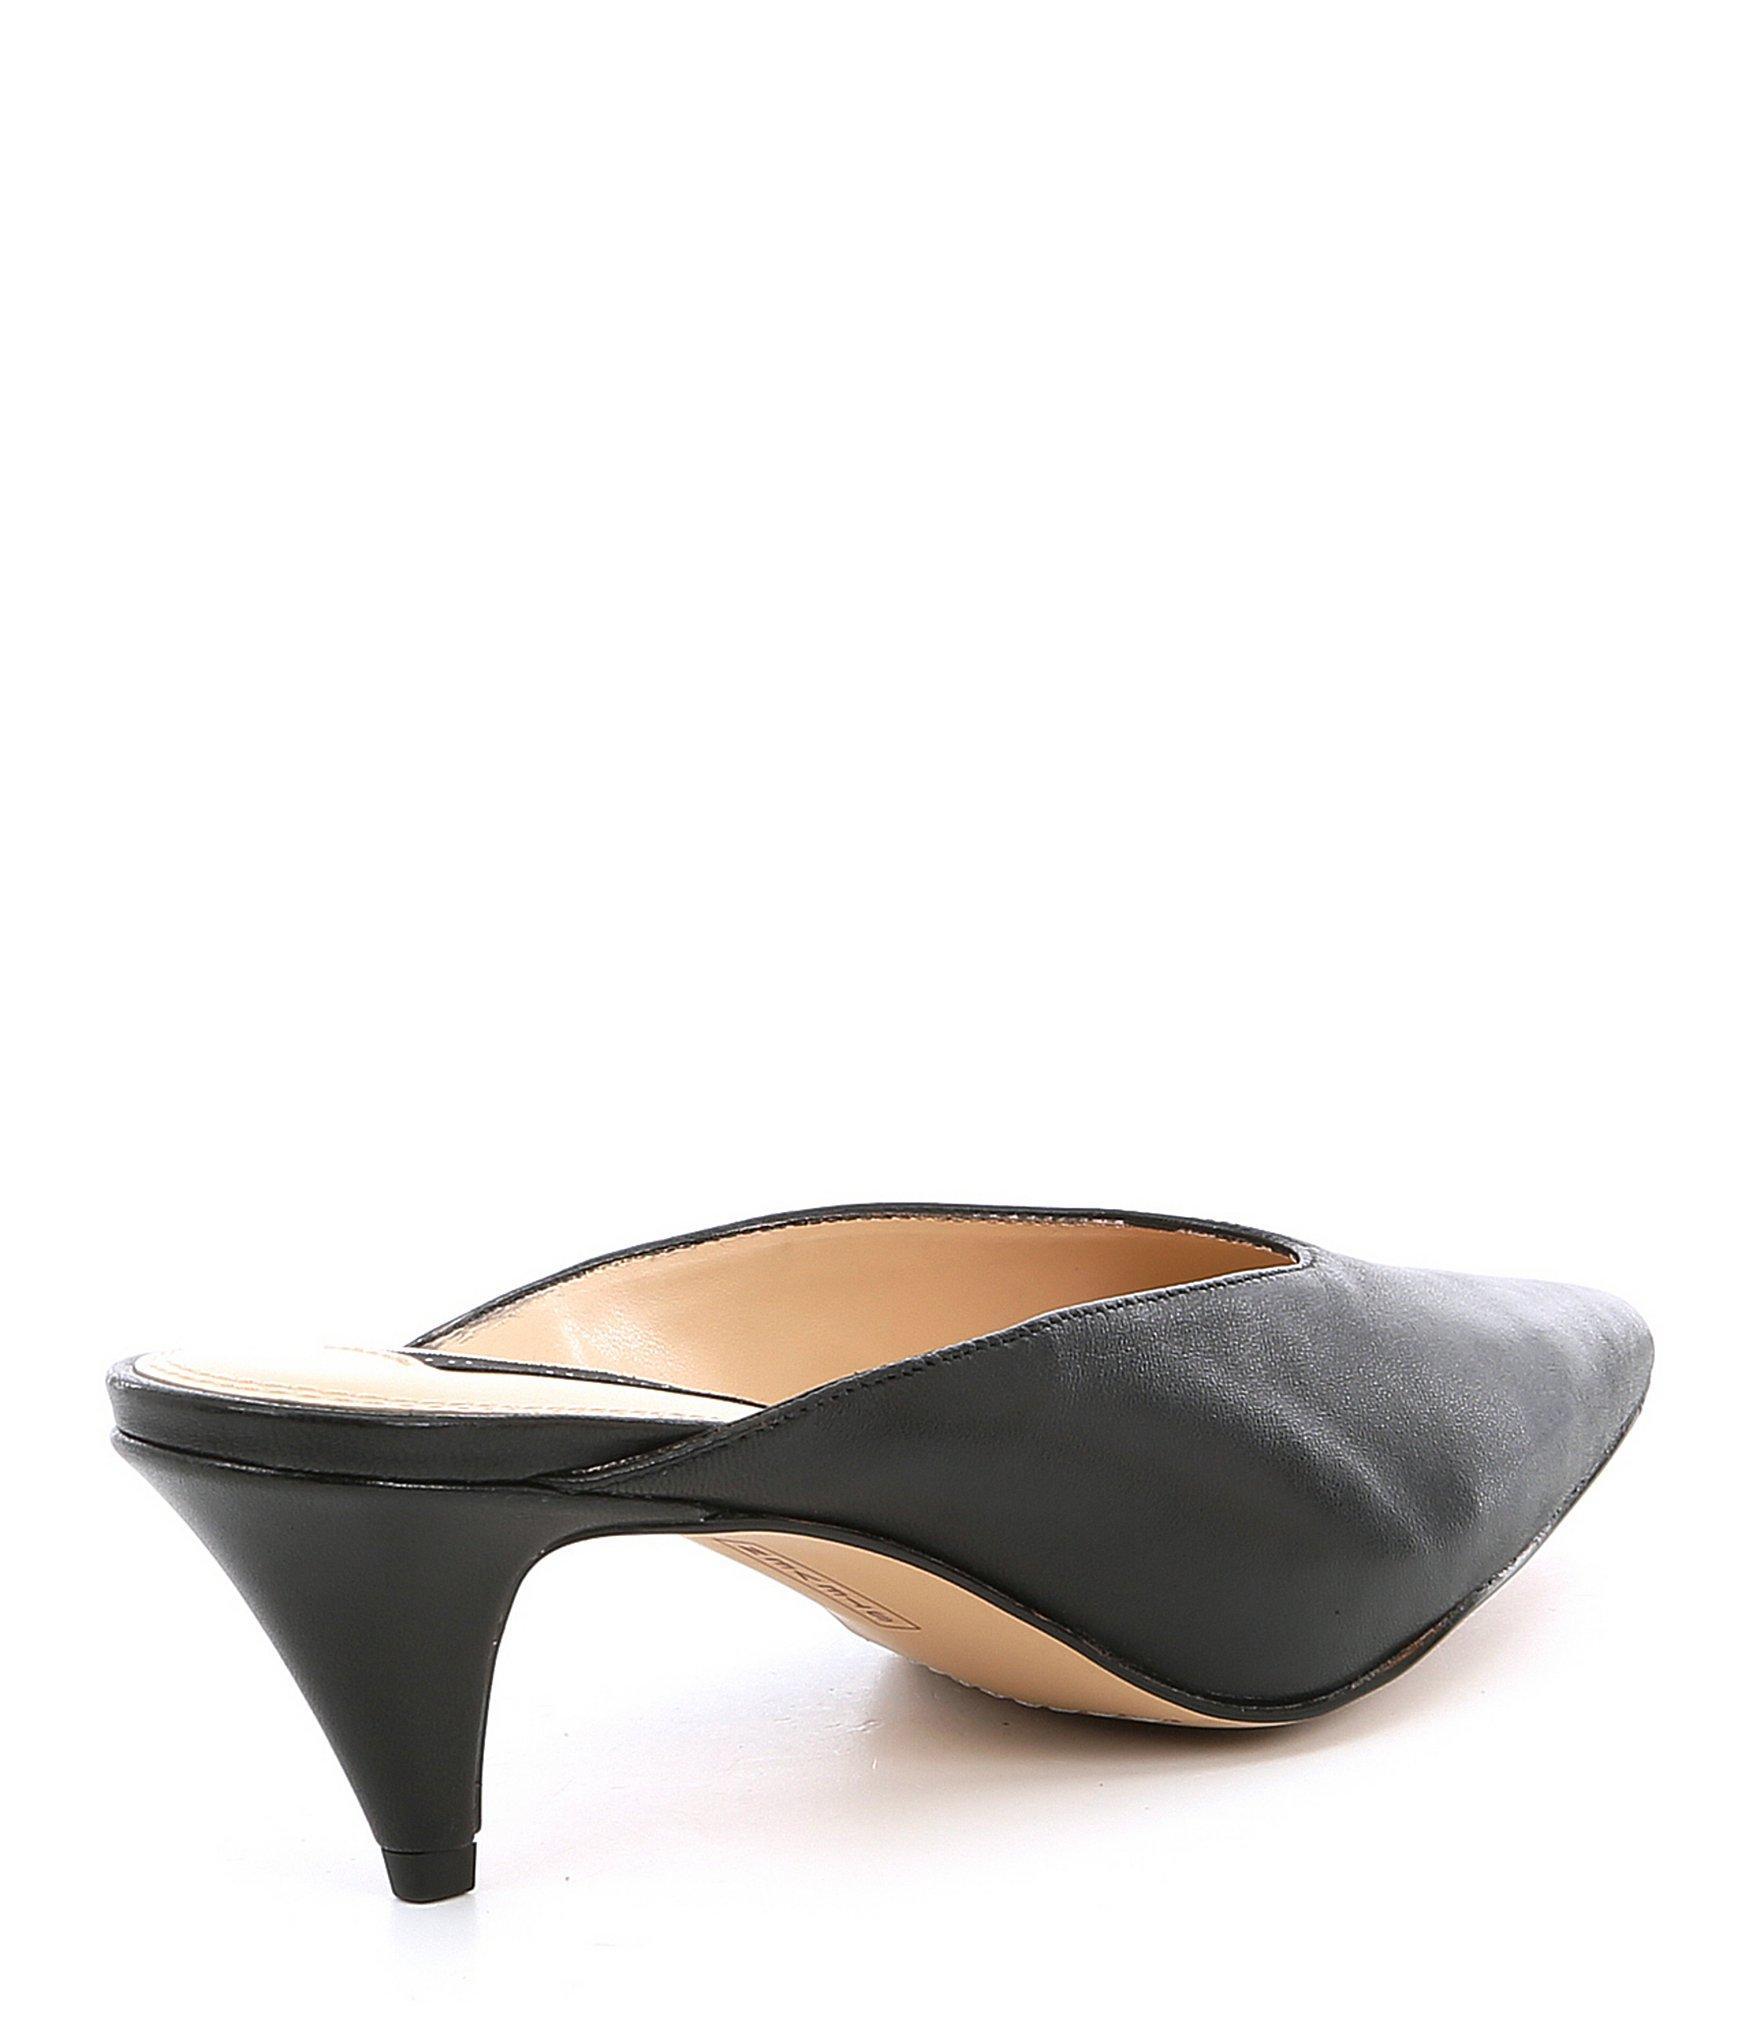 dd99da43423 Steve Madden Steven By Elora Leather Kitten Heel Mules in Black ...